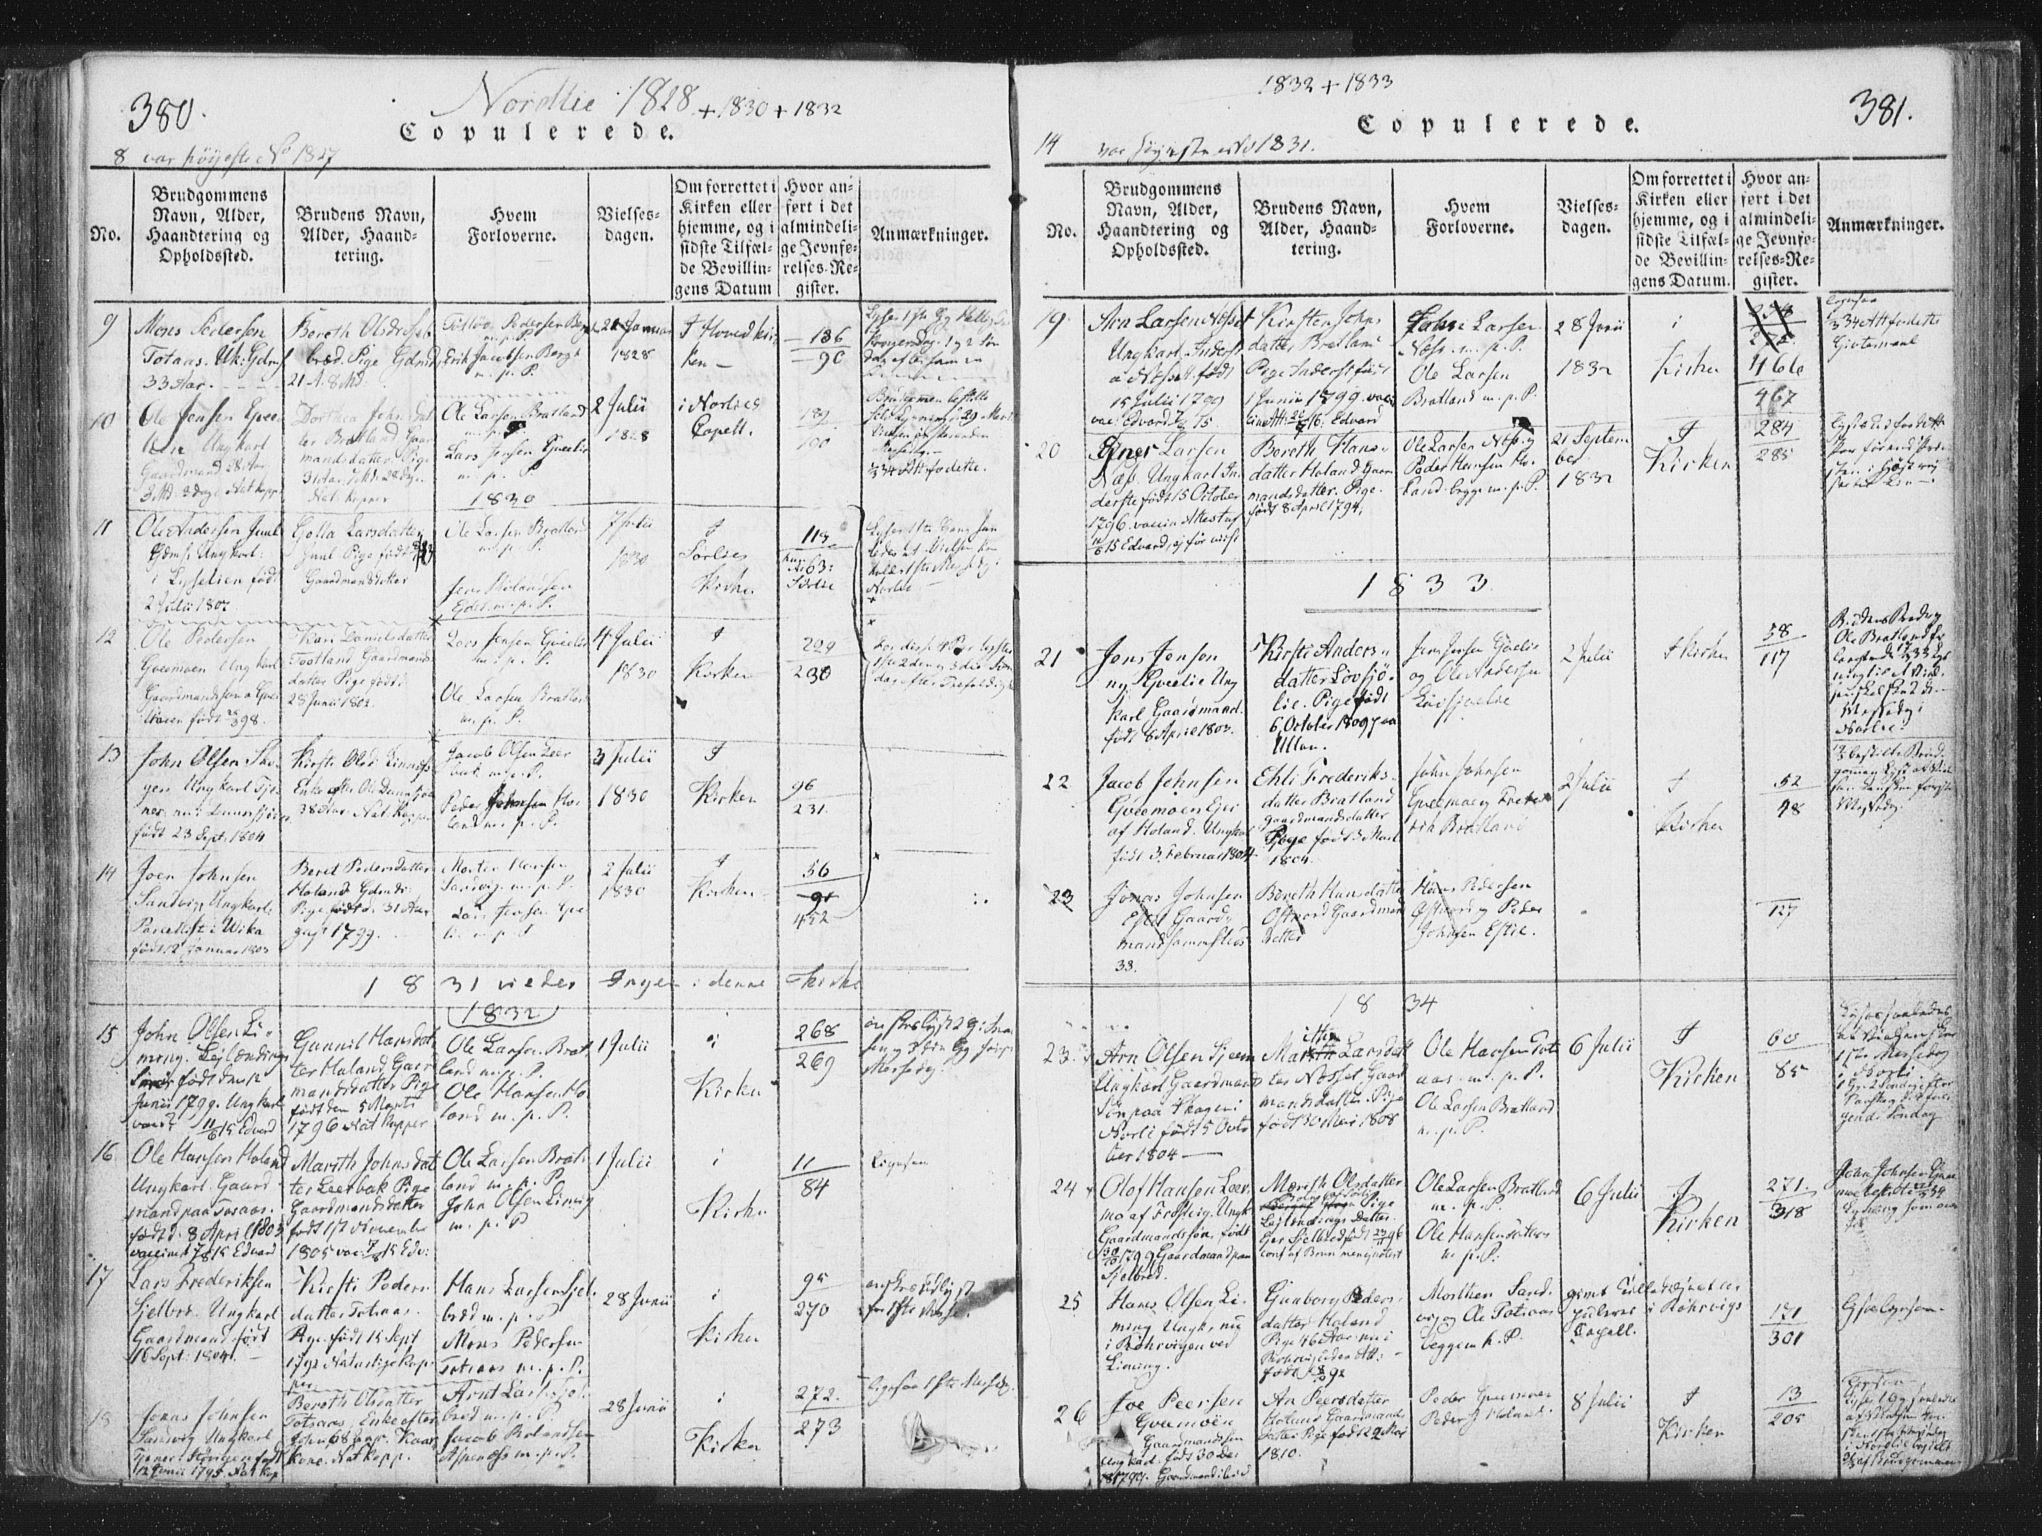 SAT, Ministerialprotokoller, klokkerbøker og fødselsregistre - Nord-Trøndelag, 755/L0491: Ministerialbok nr. 755A01 /1, 1817-1864, s. 380-381